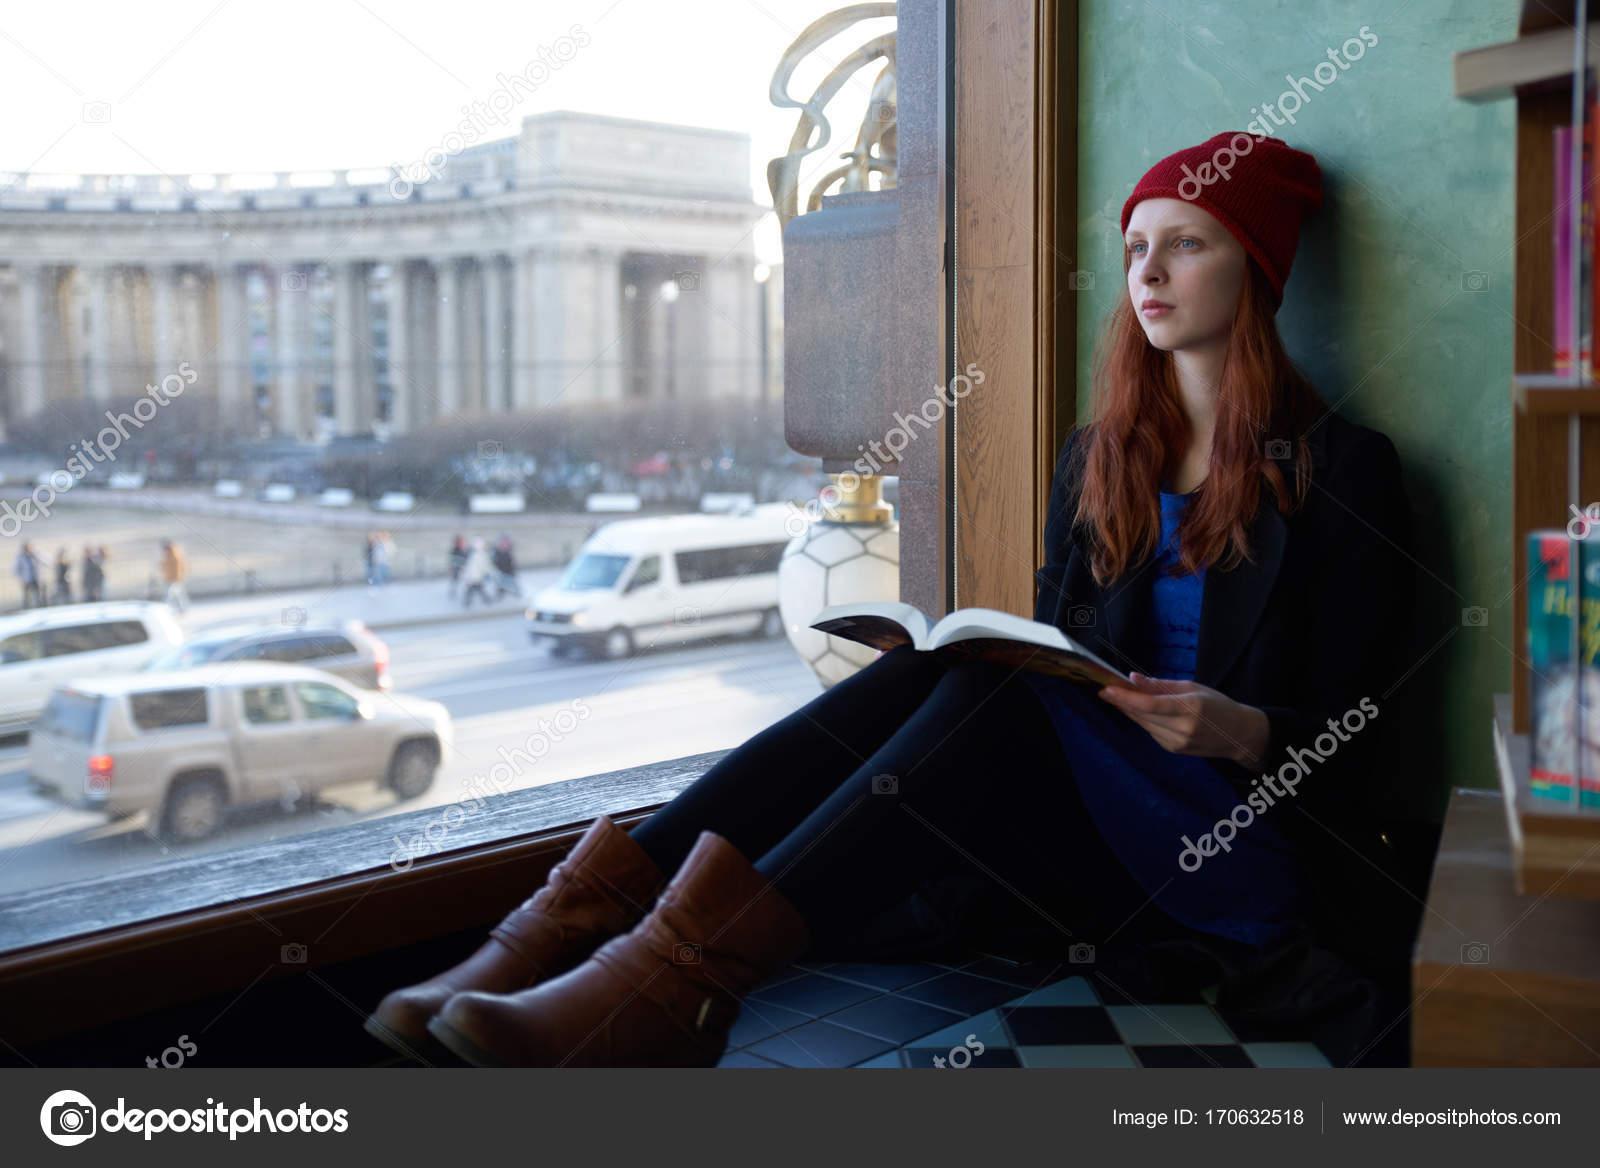 Рыжая девушка из студентов